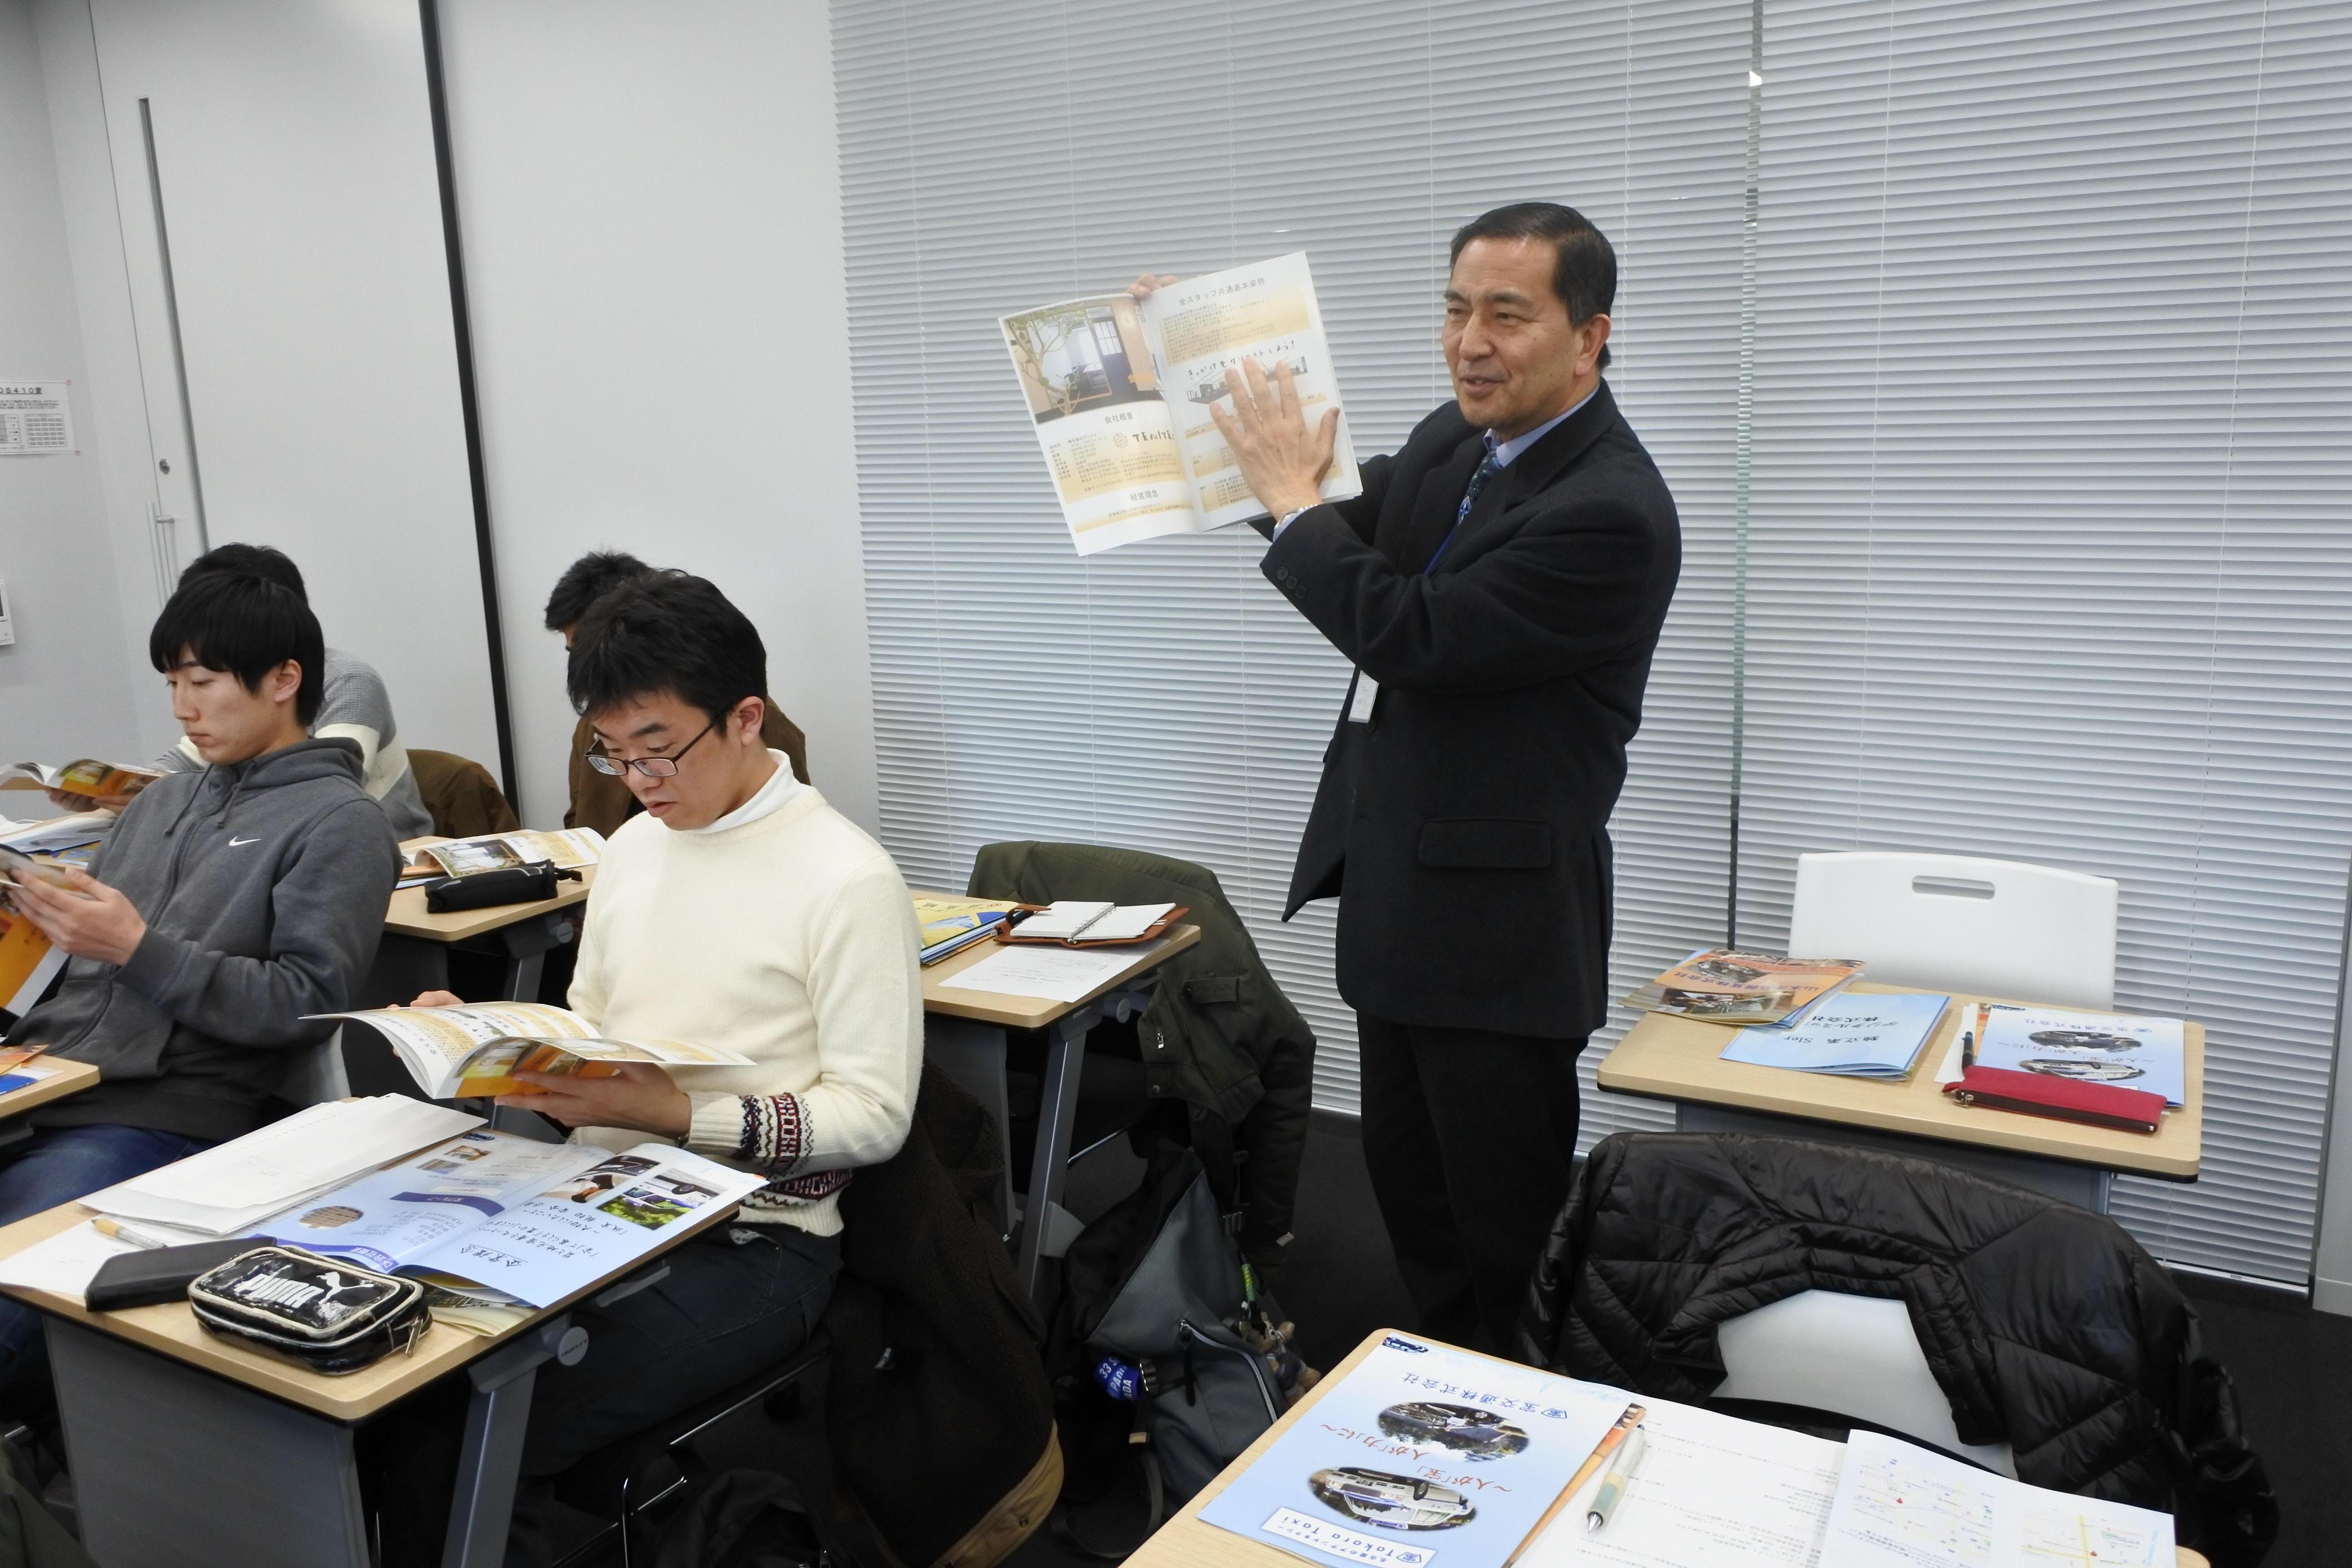 志プロジェクトの発表会で、学生手作りの会社案内の出来栄えを講評する雑賀教授